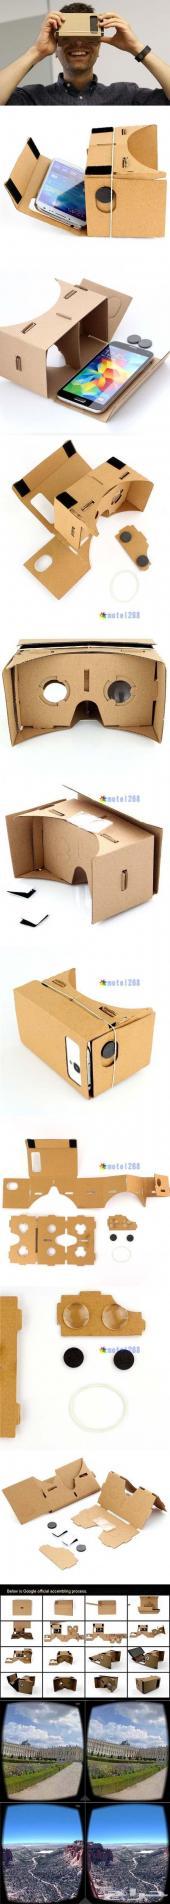 نظارة قوقل ثلاثية الأبعاد  Google Cardboard الأصلية مع شريط الرأس